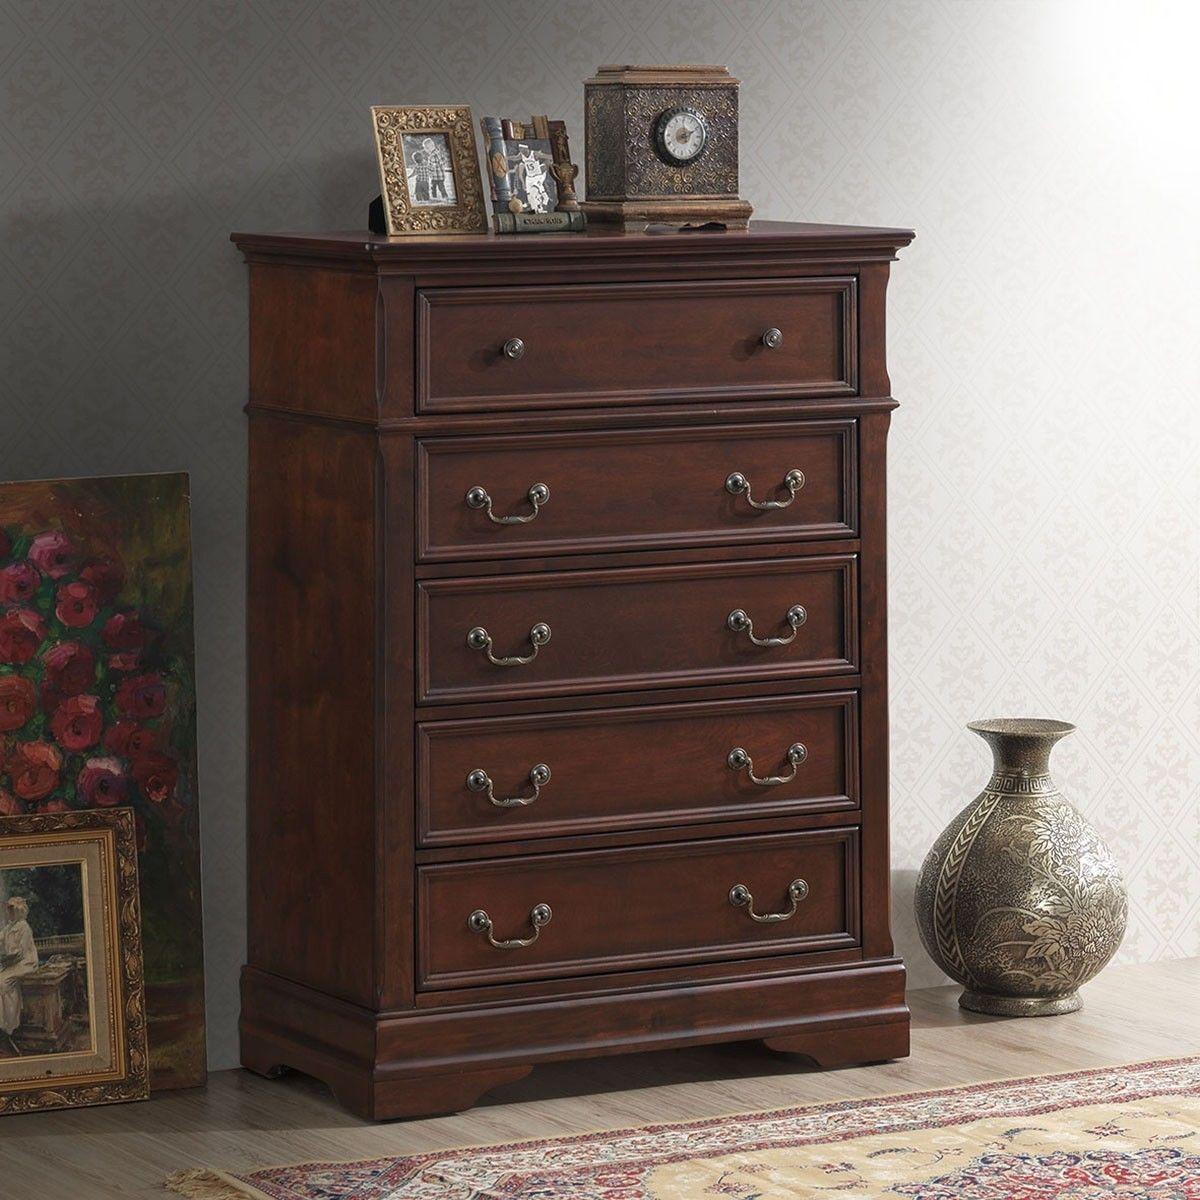 5 Drawer Bedroom Organizer Dresser Cabinet Chest Dresser Organization 5 Drawer Chest Dresser As Nightstand